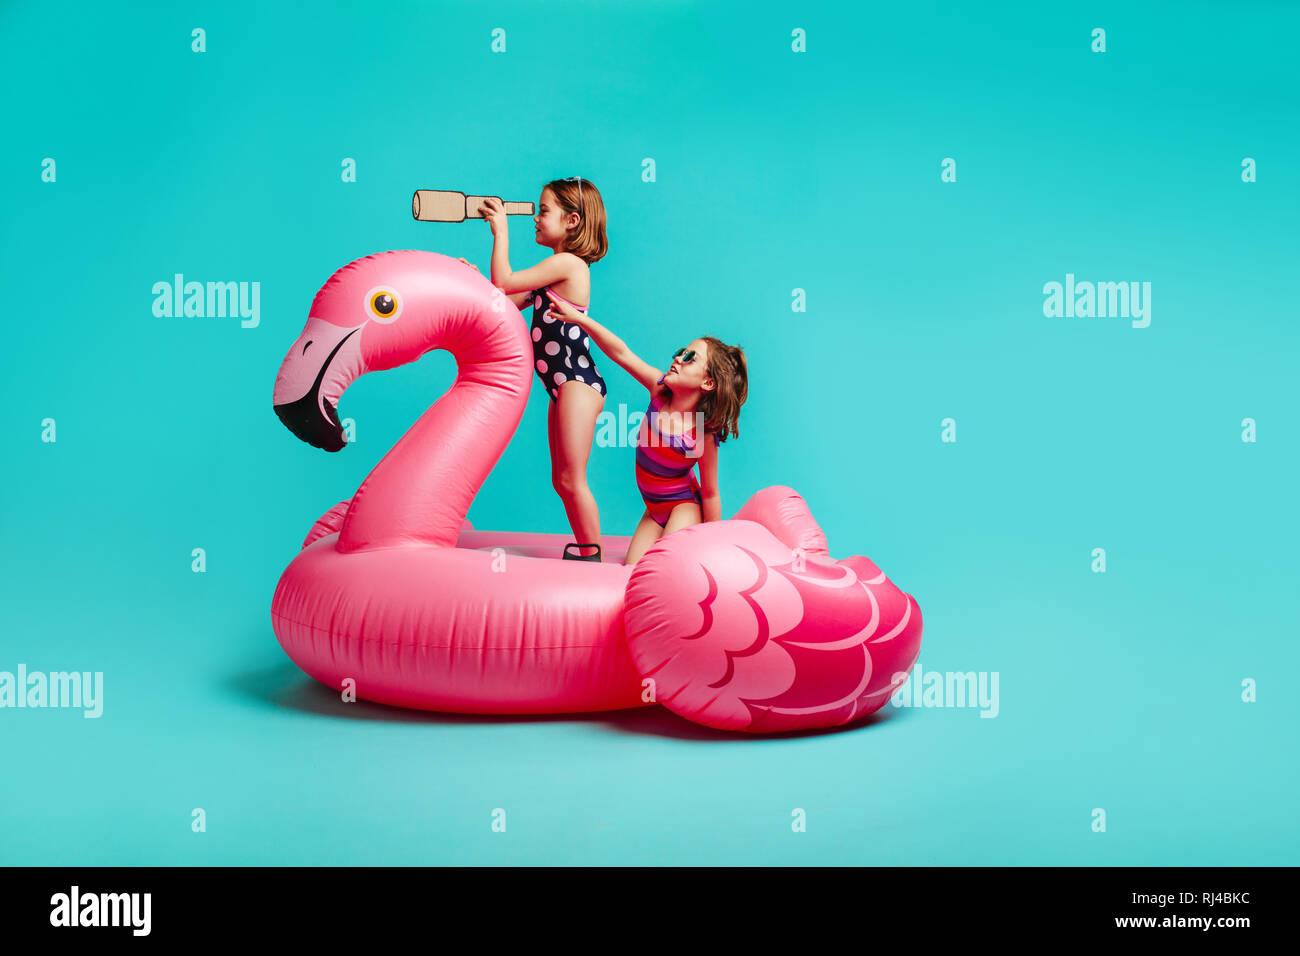 Zwei mädchen spaß auf aufblasbaren spielzeug flamingo. kinder in